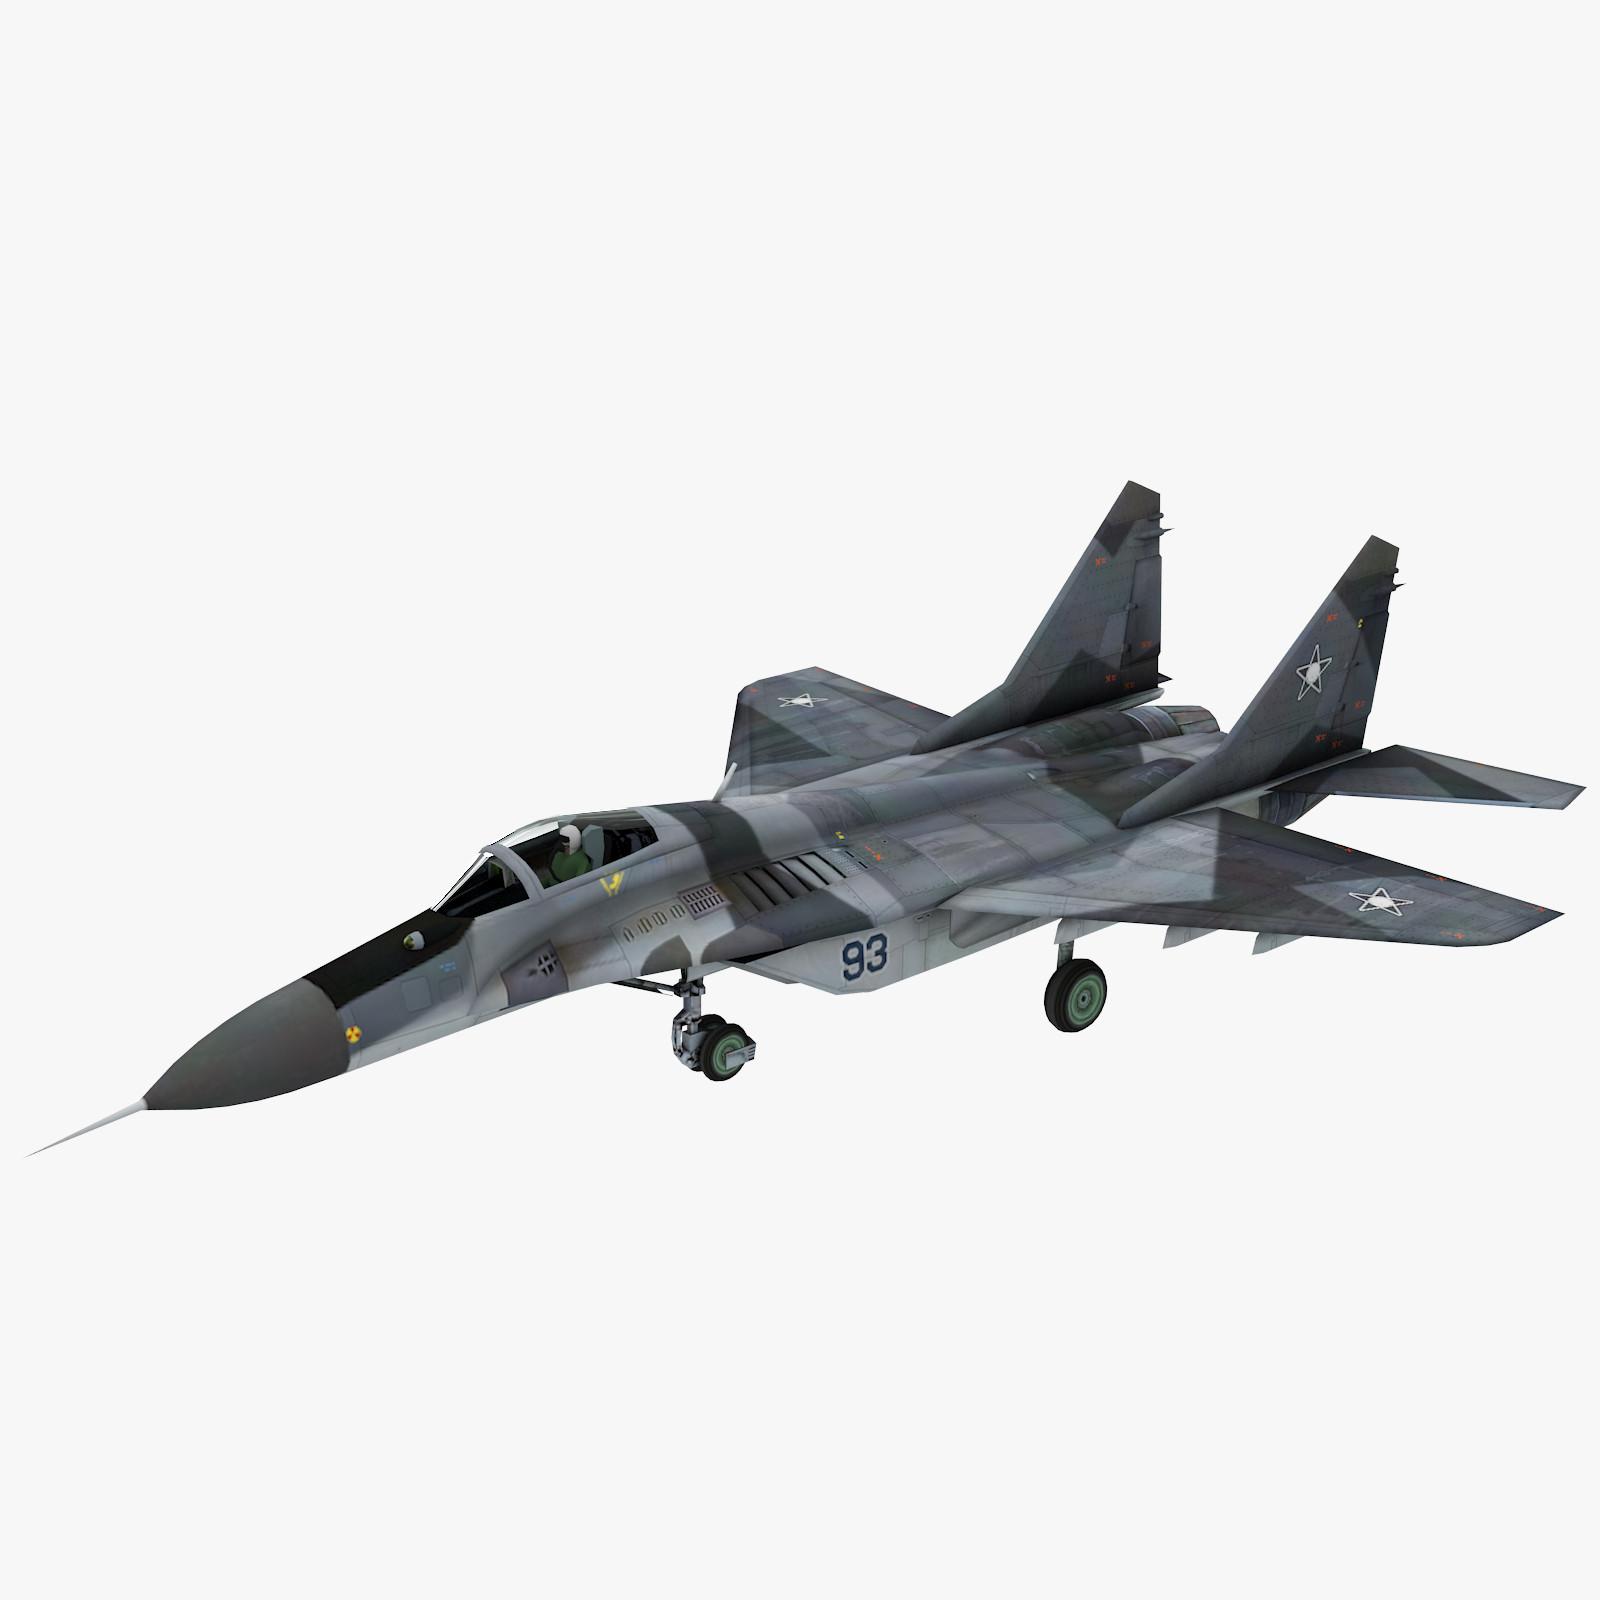 Mig-33_SuperFulcrum_Cam_01.jpg - 125.5KB